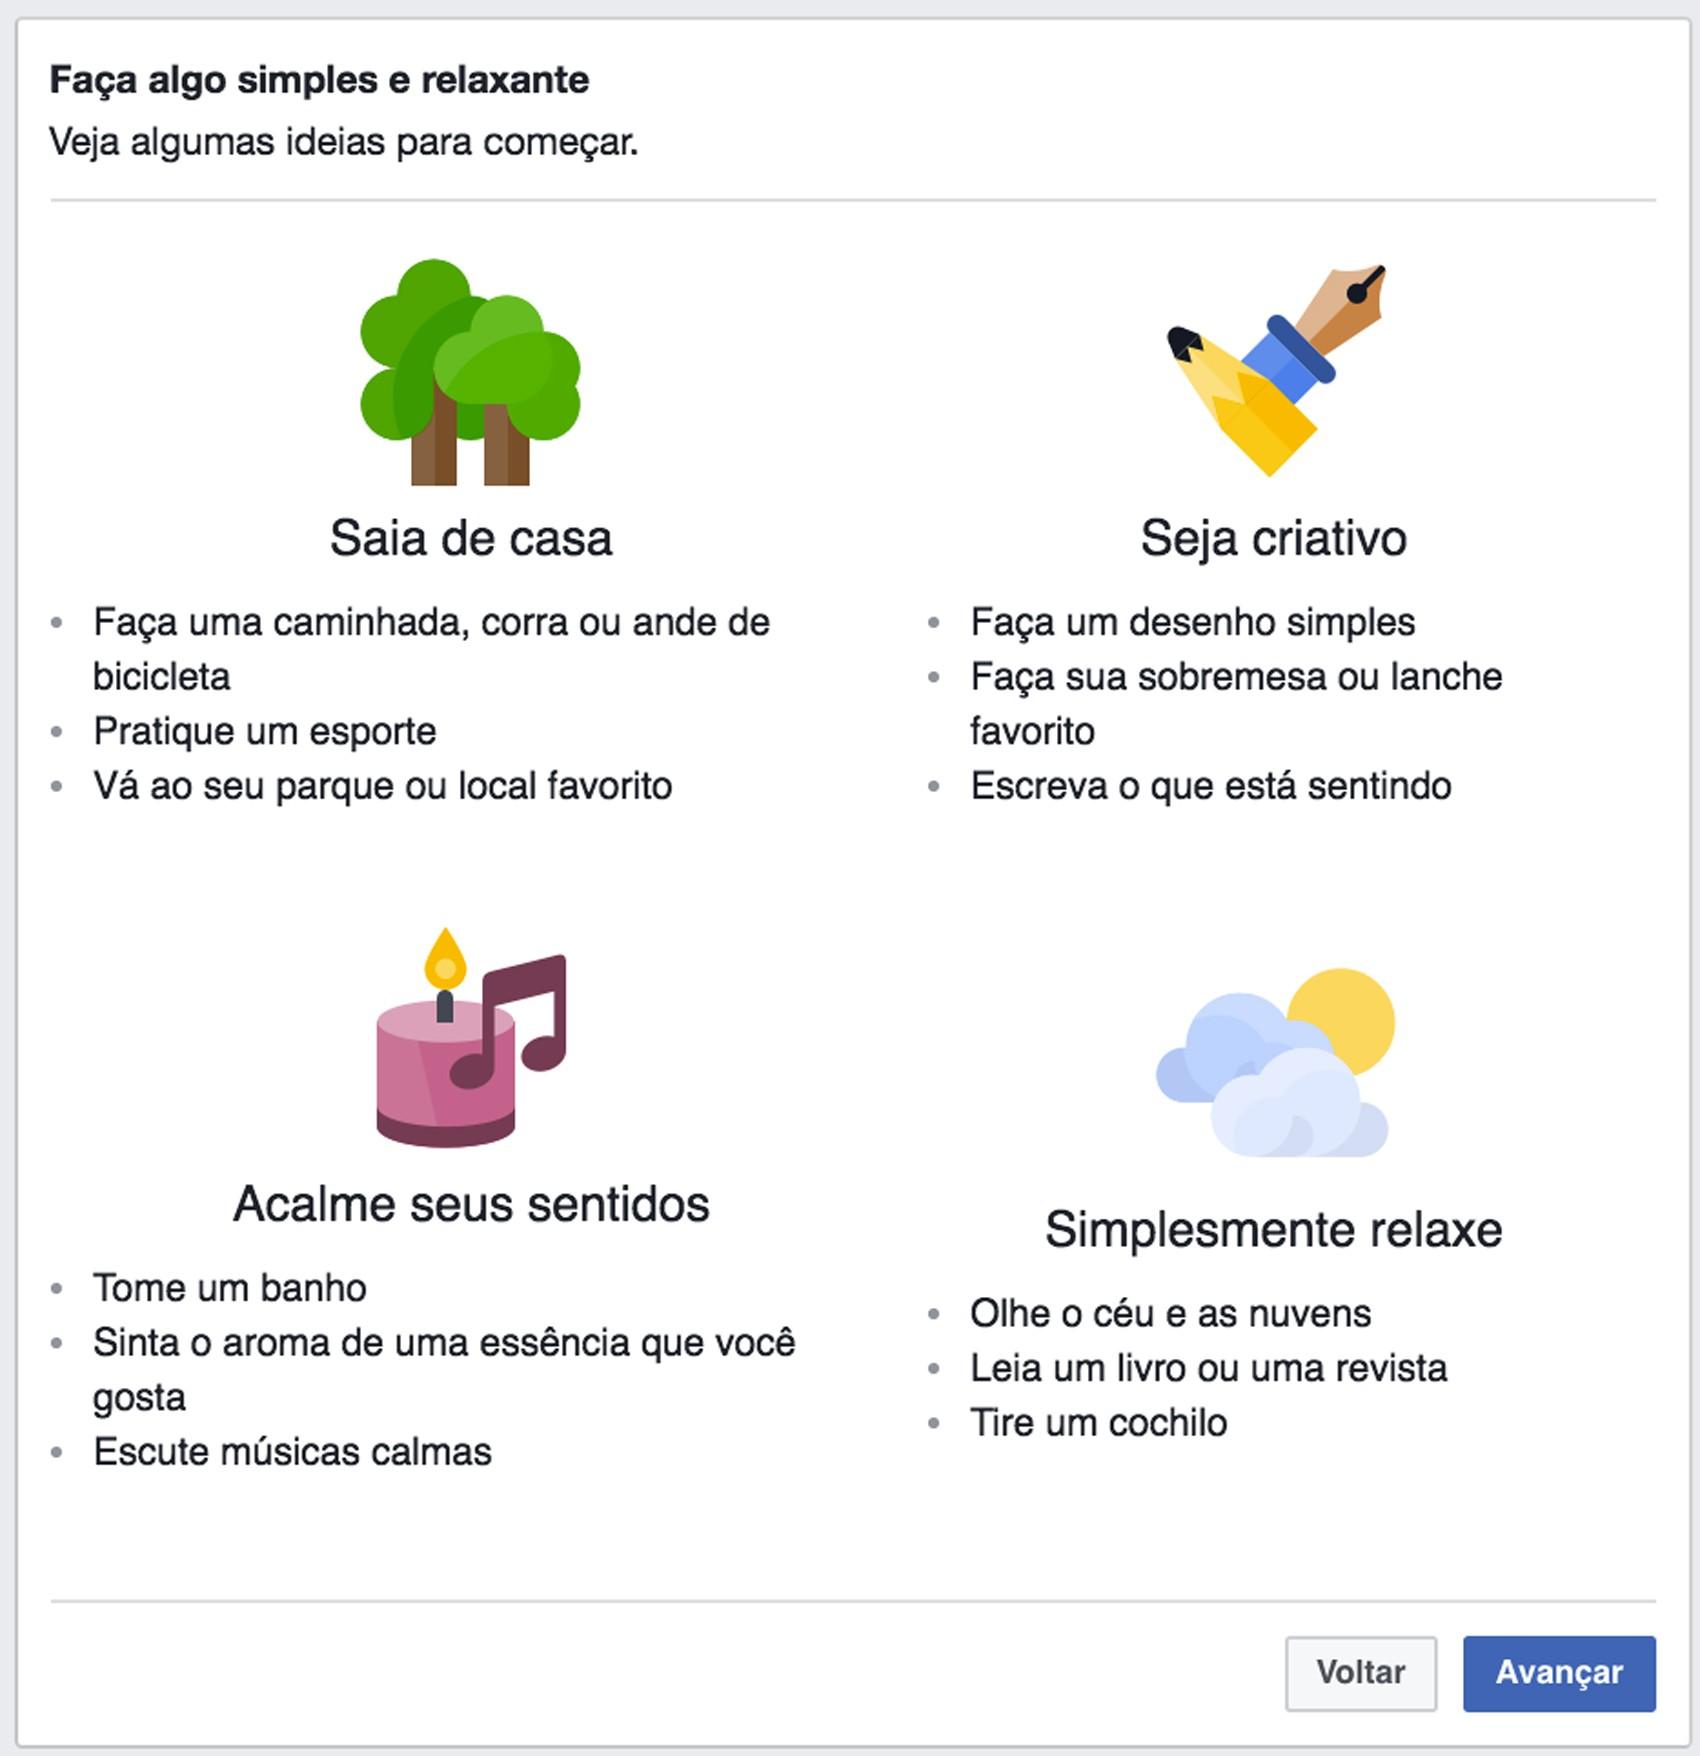 Facebook dará dicas do que fazer para se sentir melhor (Foto: Reprodução/Facebook)